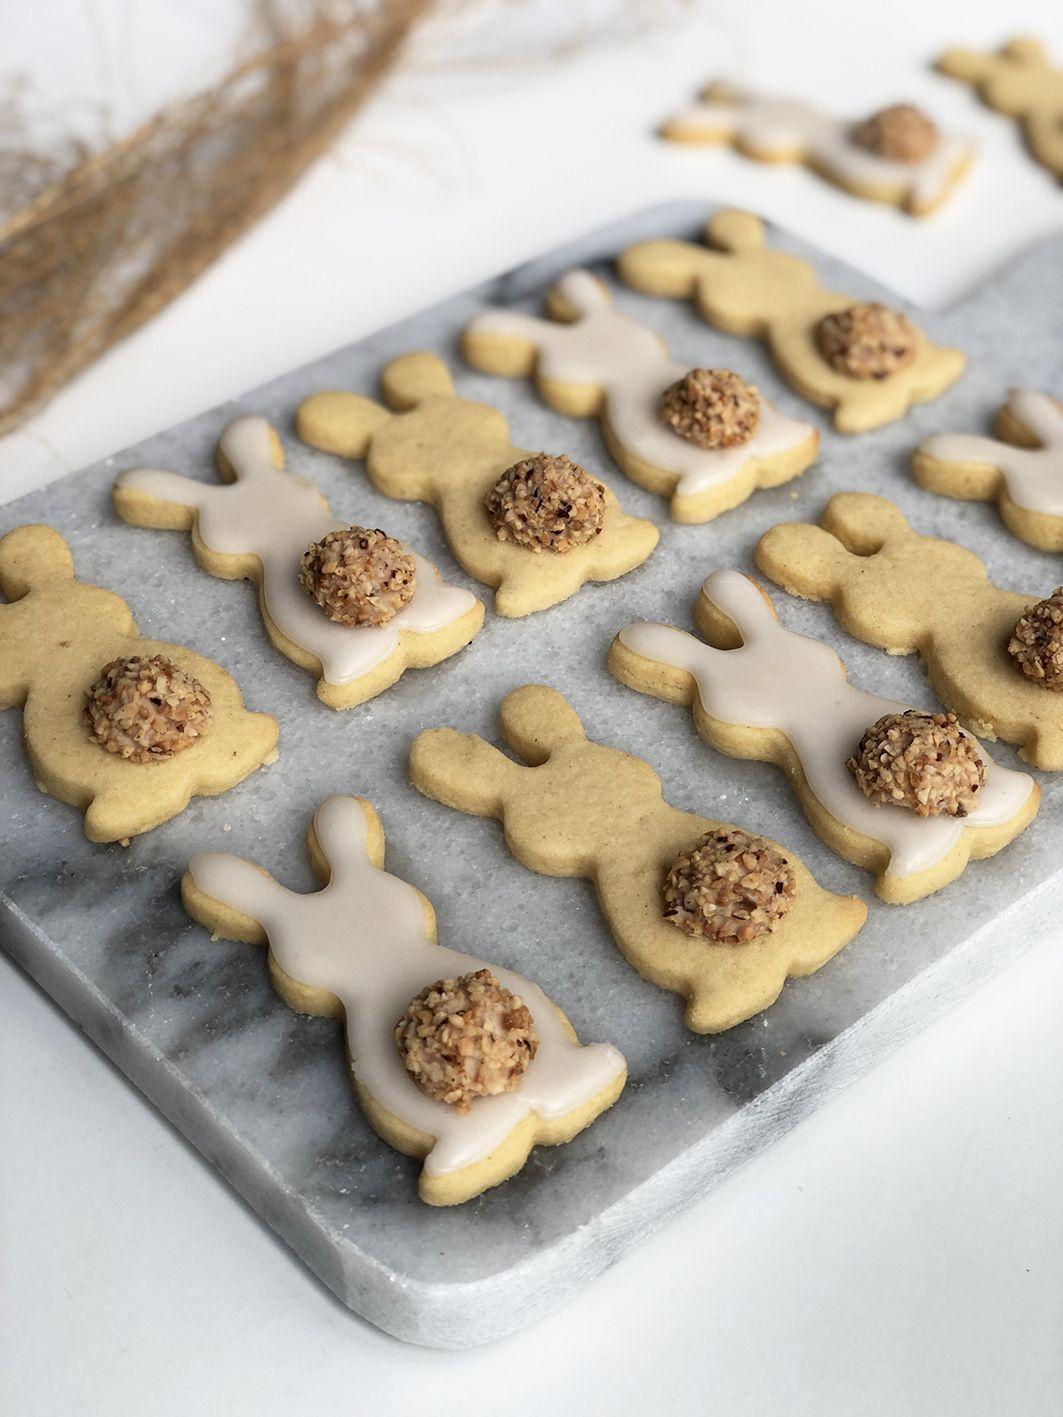 Mein liebstes Mürbteig Rezept für Oster-Kekse | CosyFoxes - Family. Food. Lifestyle.